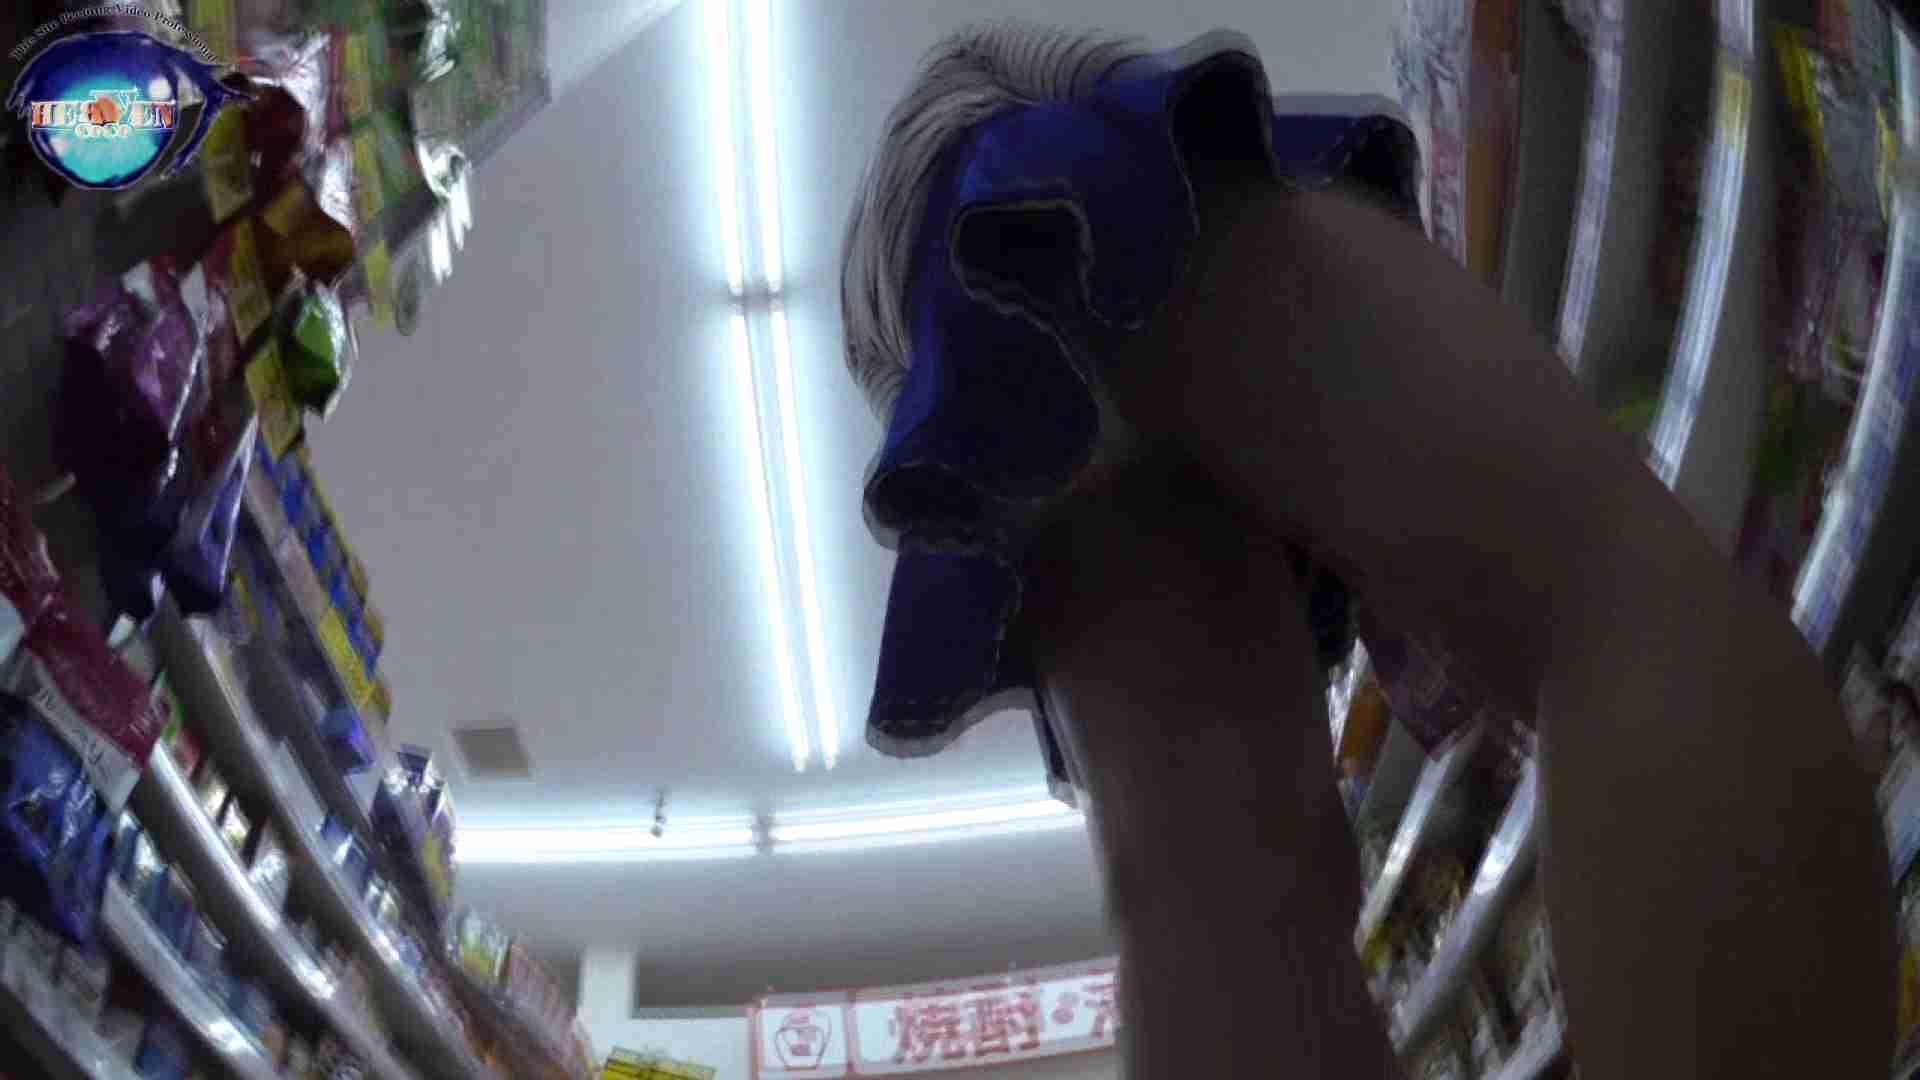 雅さんの独断と偏見で集めた動画 teenパンチラ編vol.4 OLのエロ生活  40連発 25